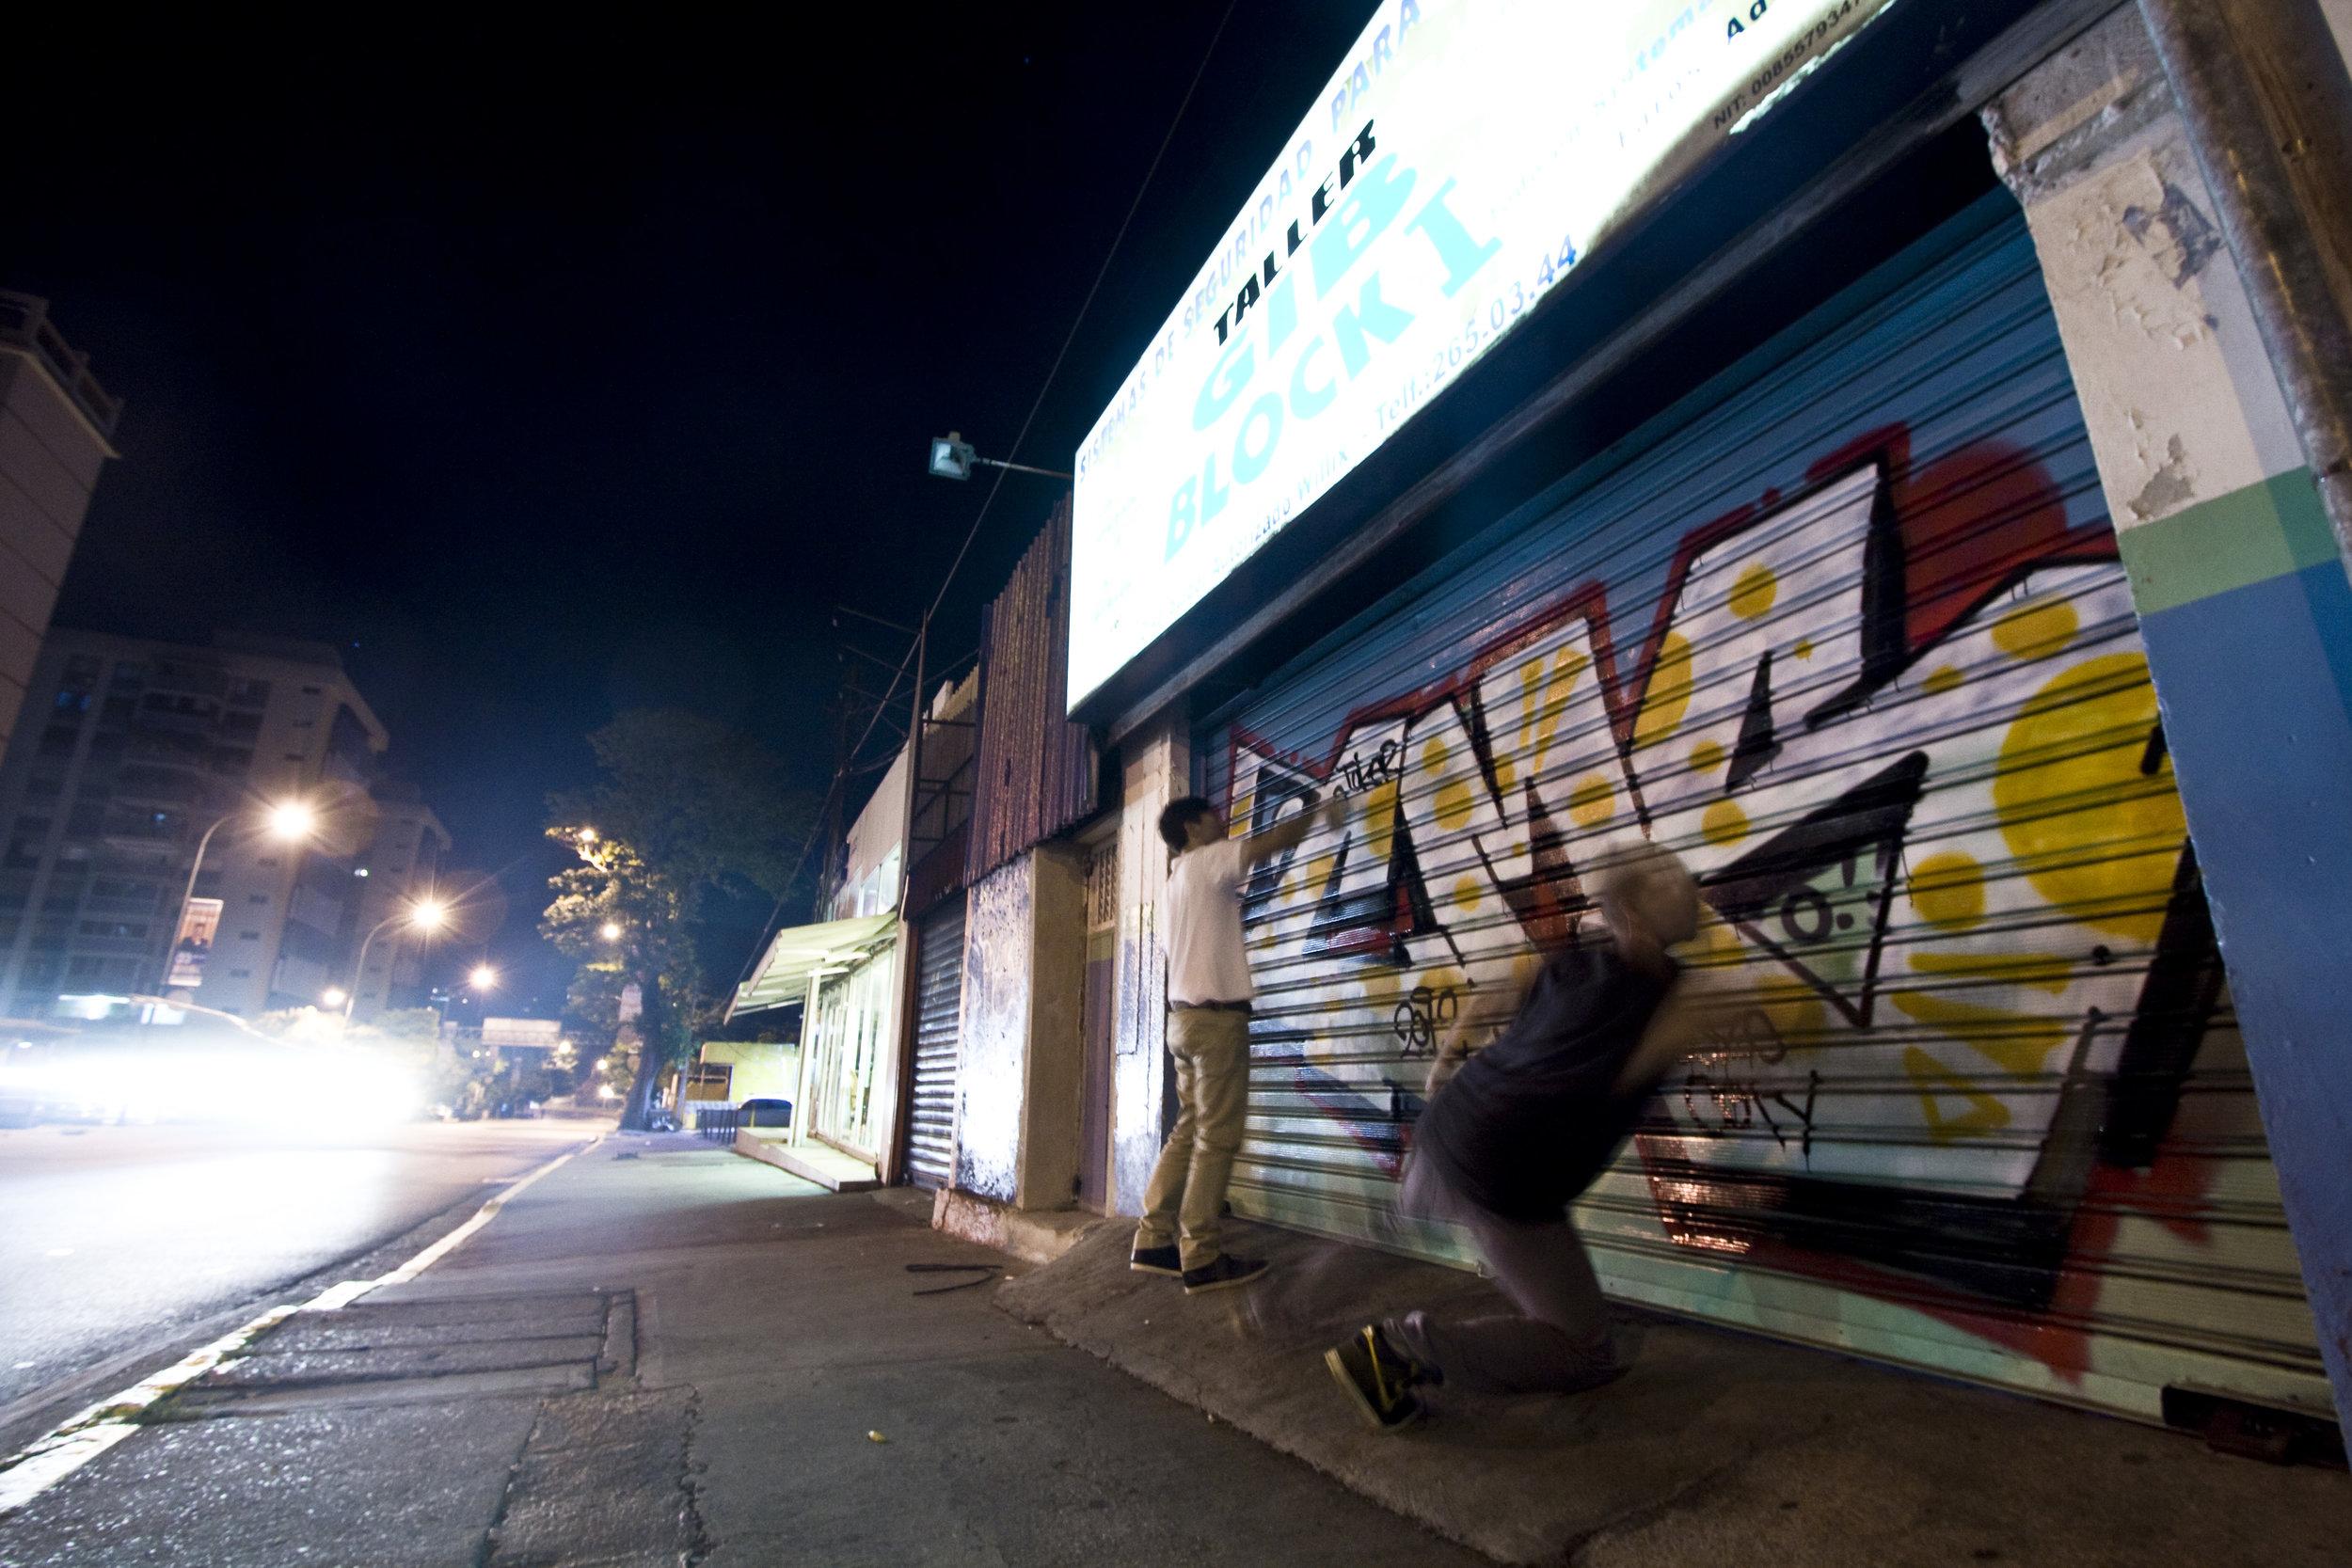 Loureiro_Caracas by Night_15.jpg